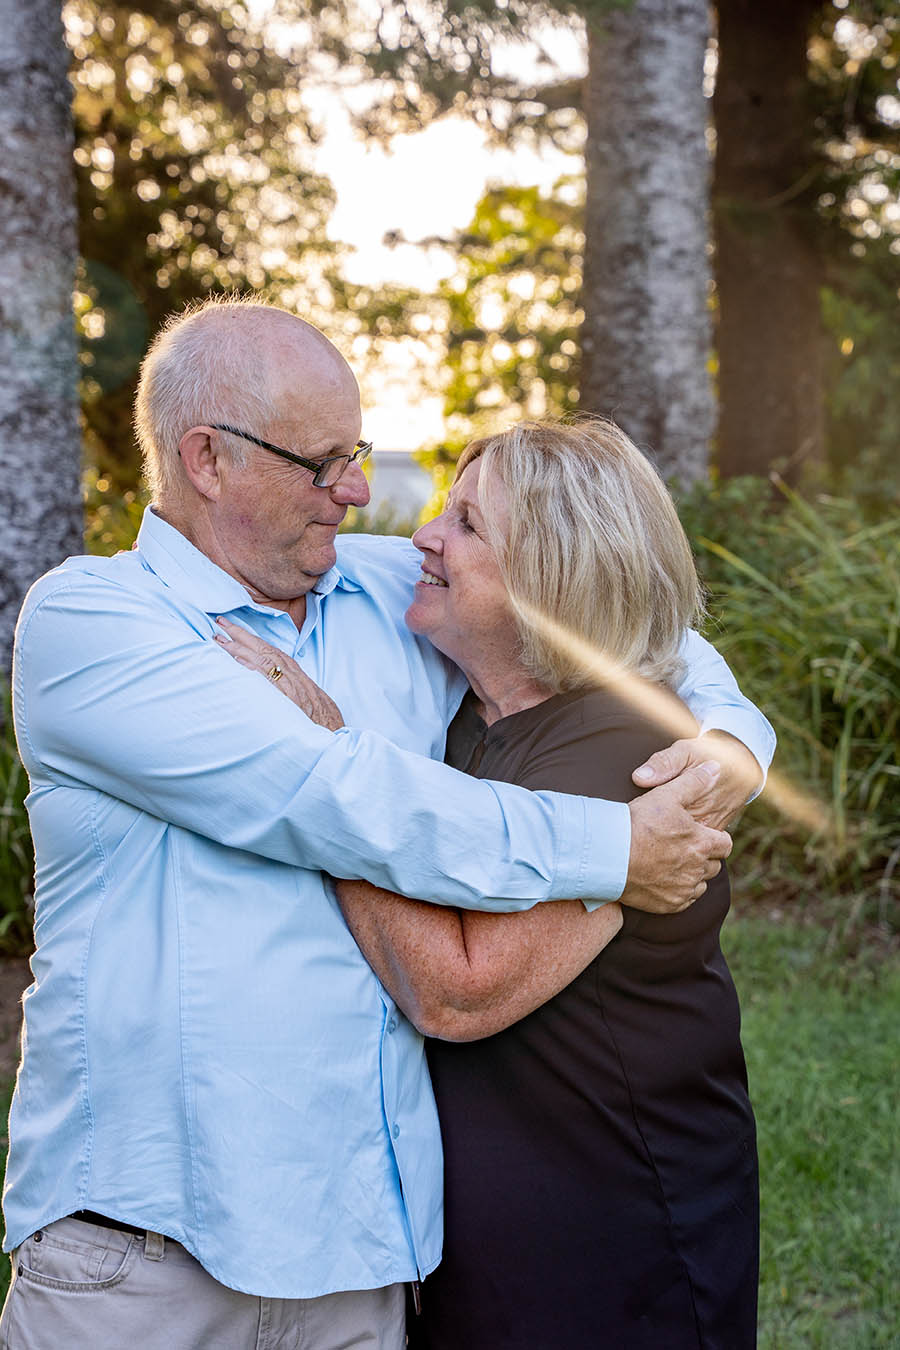 Family Photo - Grandparents